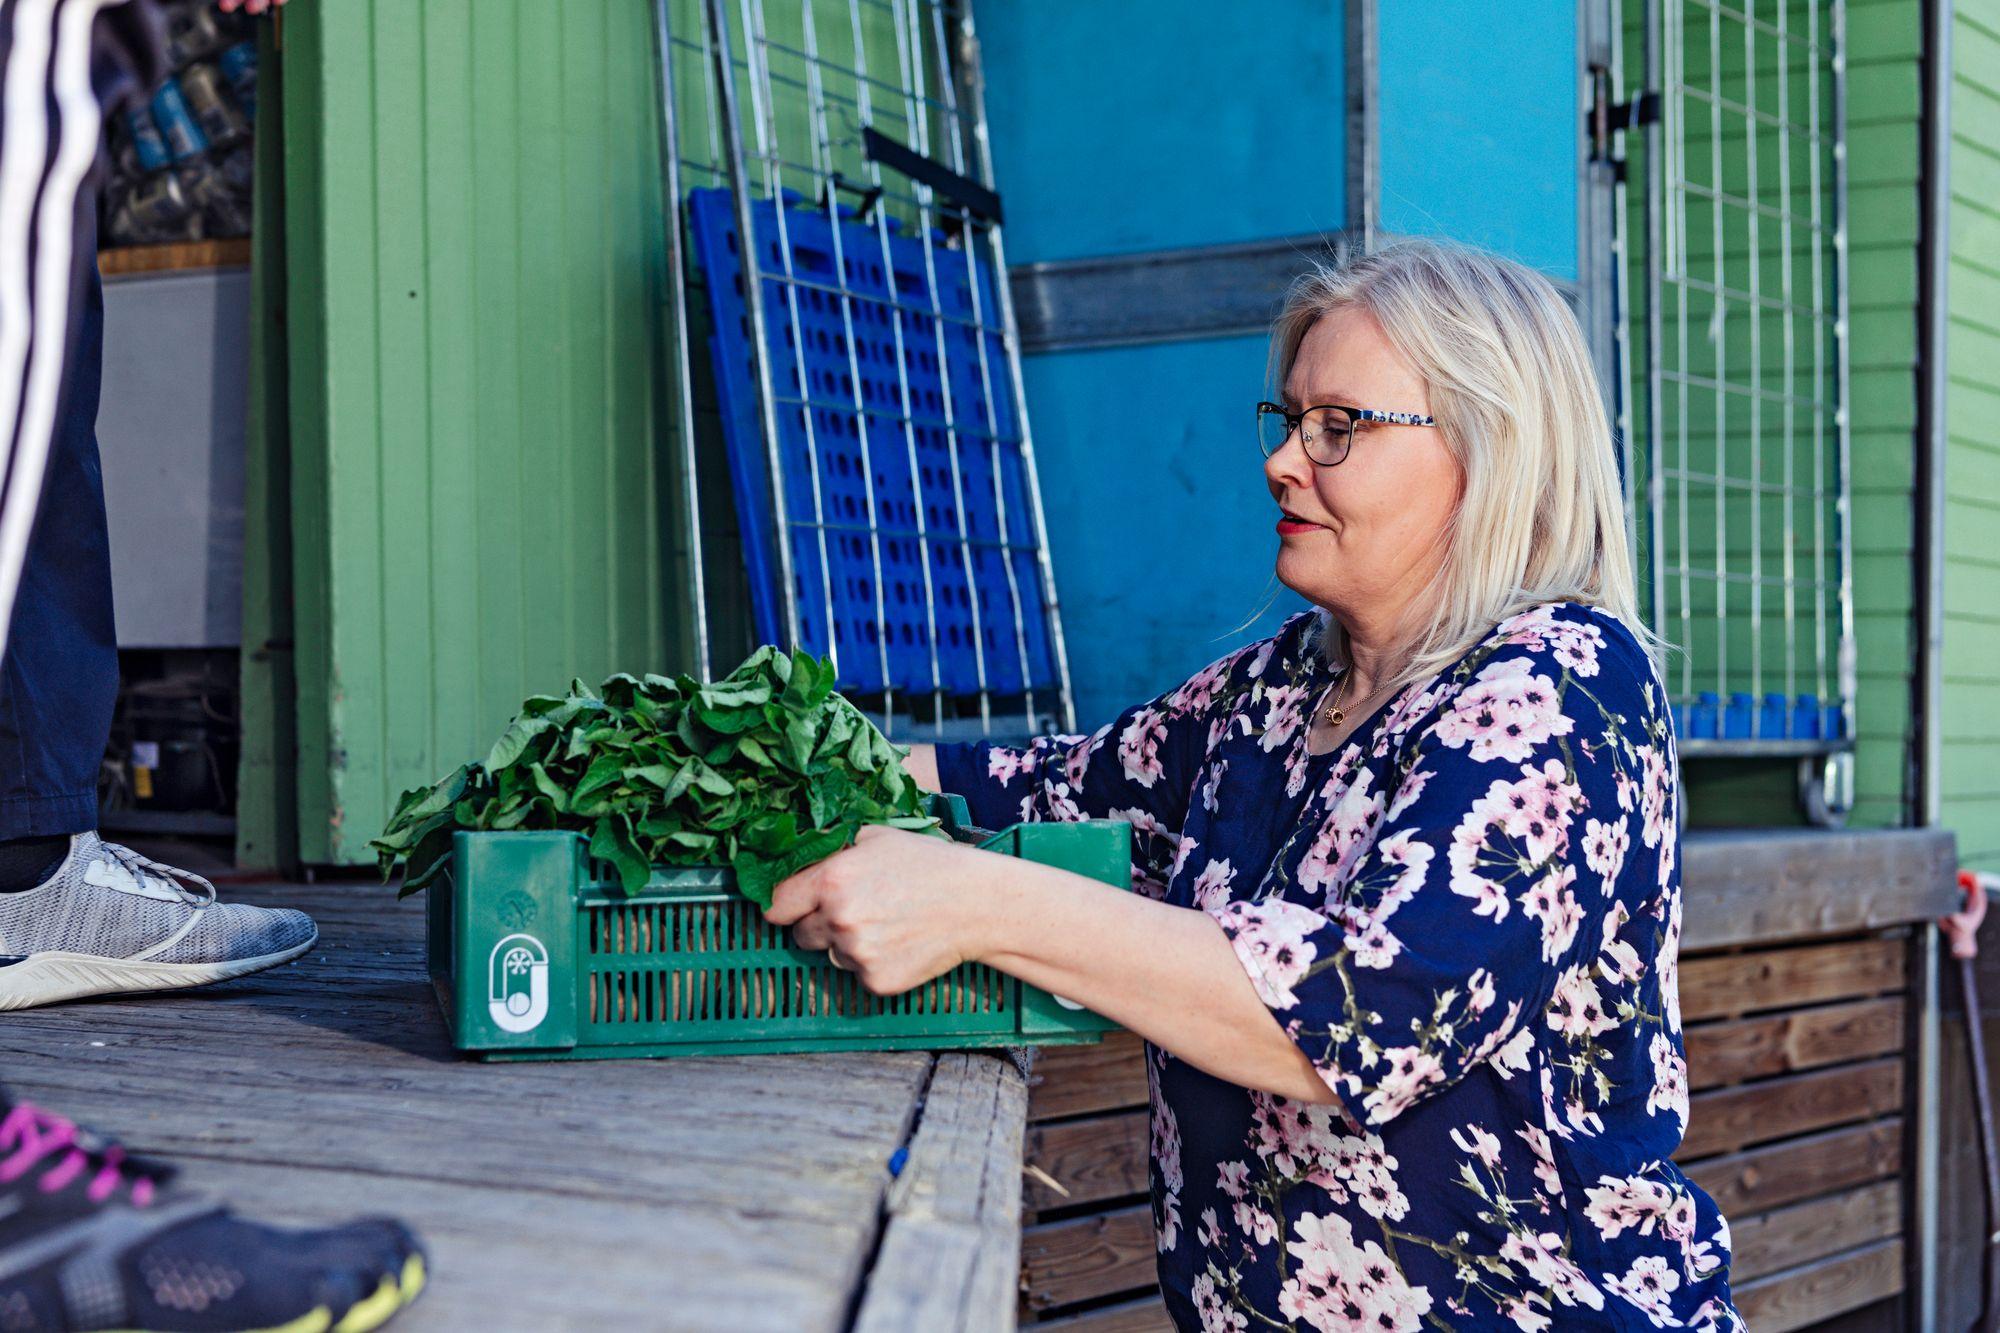 Hurissalolainen Helena Karjalainen tuo oman tilan perunoita myyntiin. © Pihla Liukkonen